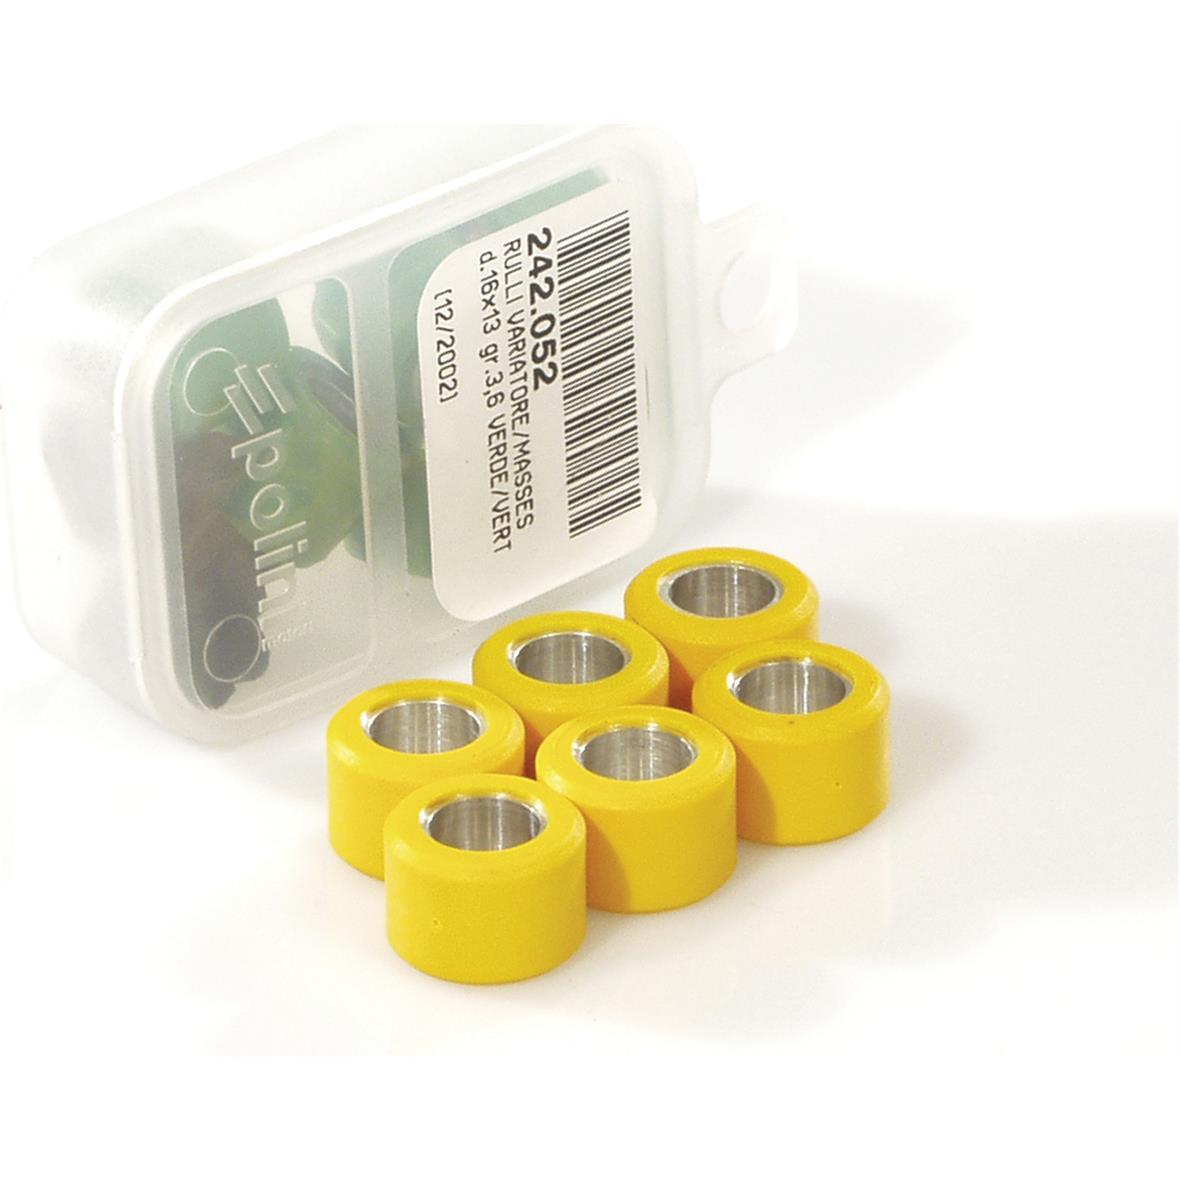 Produktbild für 'Variatorrollen POLINI 19x13,5 mm 10,5g'